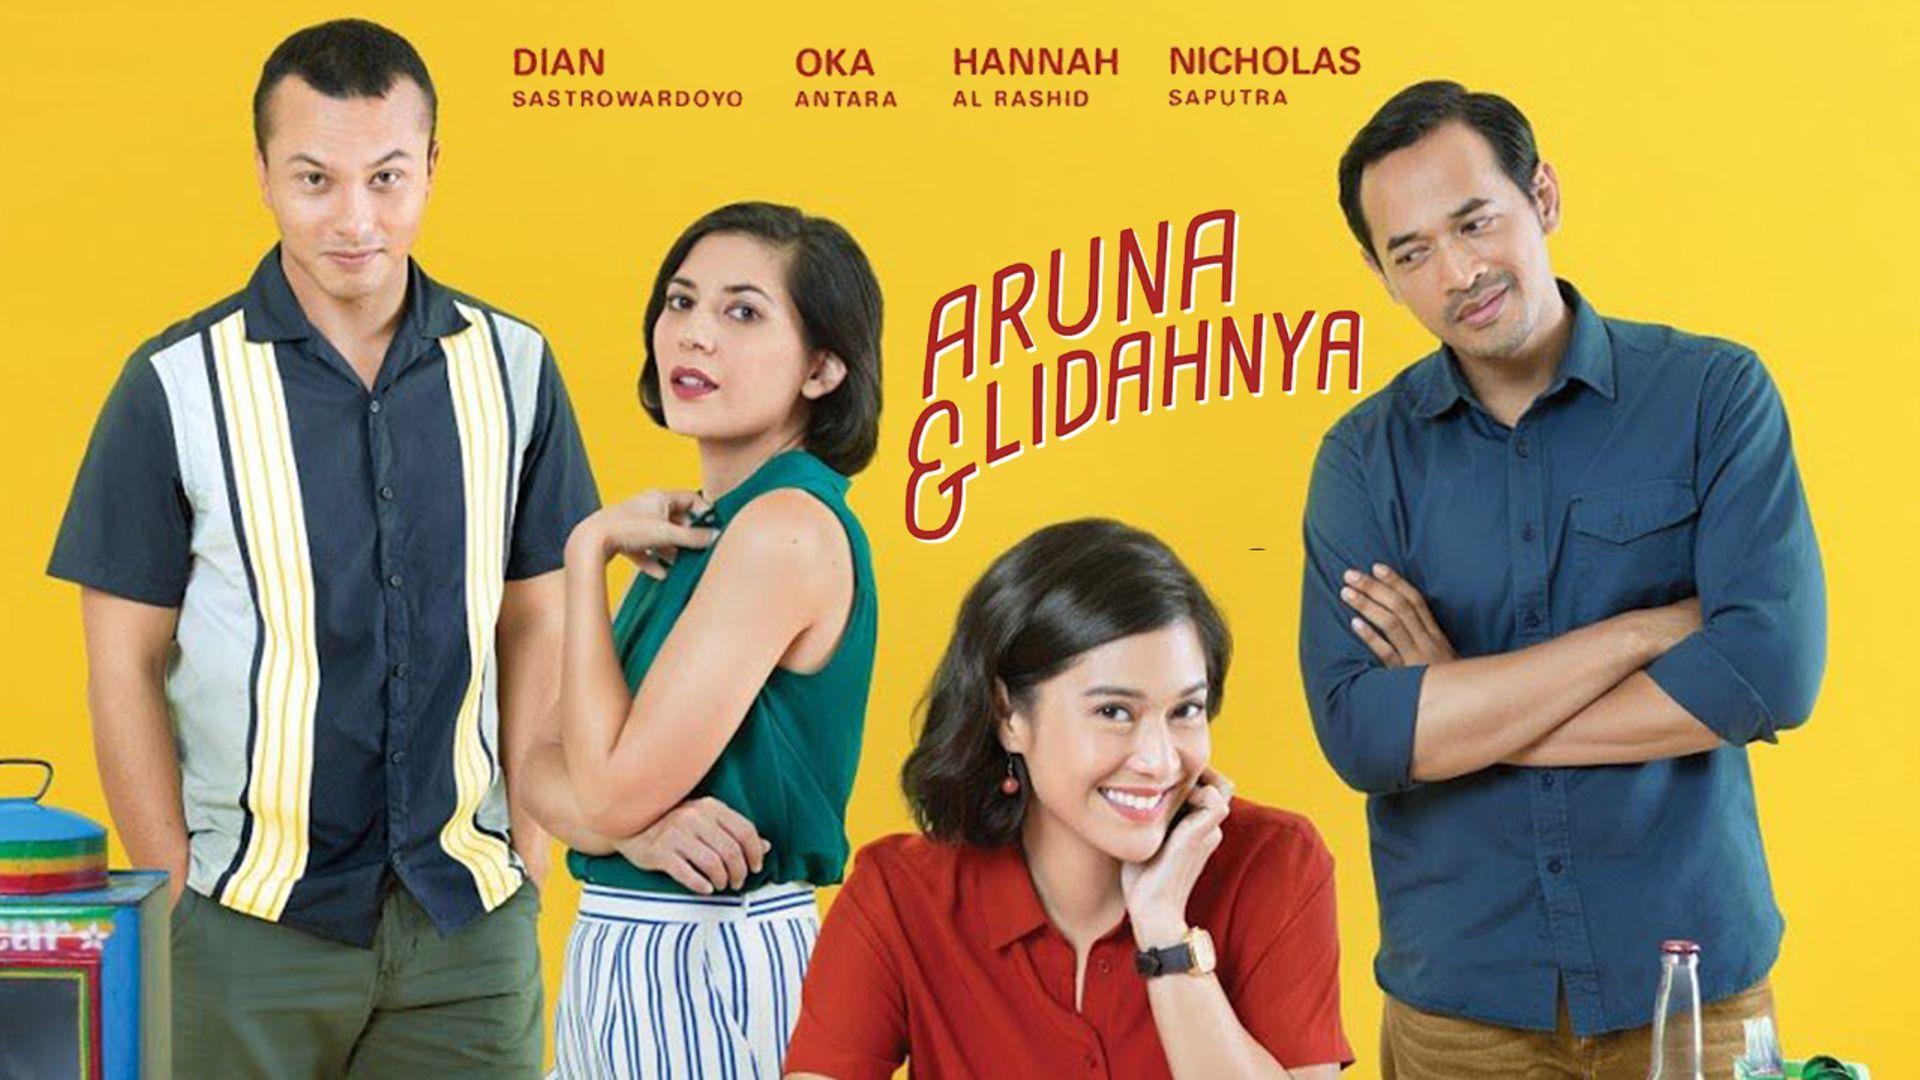 Familinia - Film Aruna dan Lidahnya (2018)